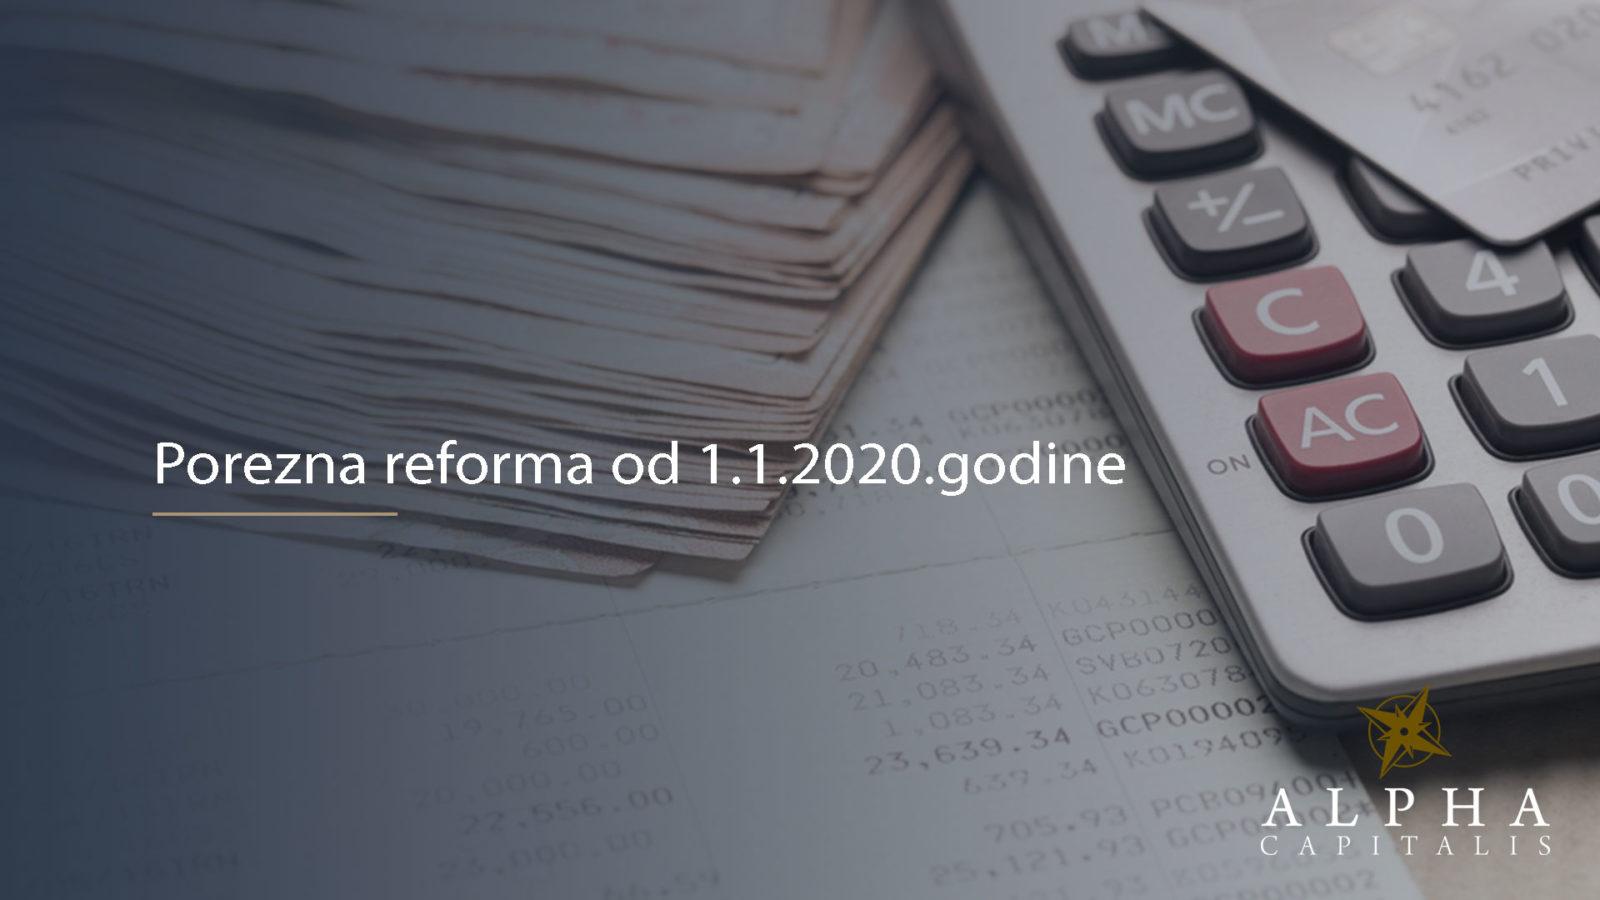 Porezna reforma 2020 2019 12 24 - Porezna reforma: 4. krug poreznog rasterećenja u primjeni od 1.1.2020.